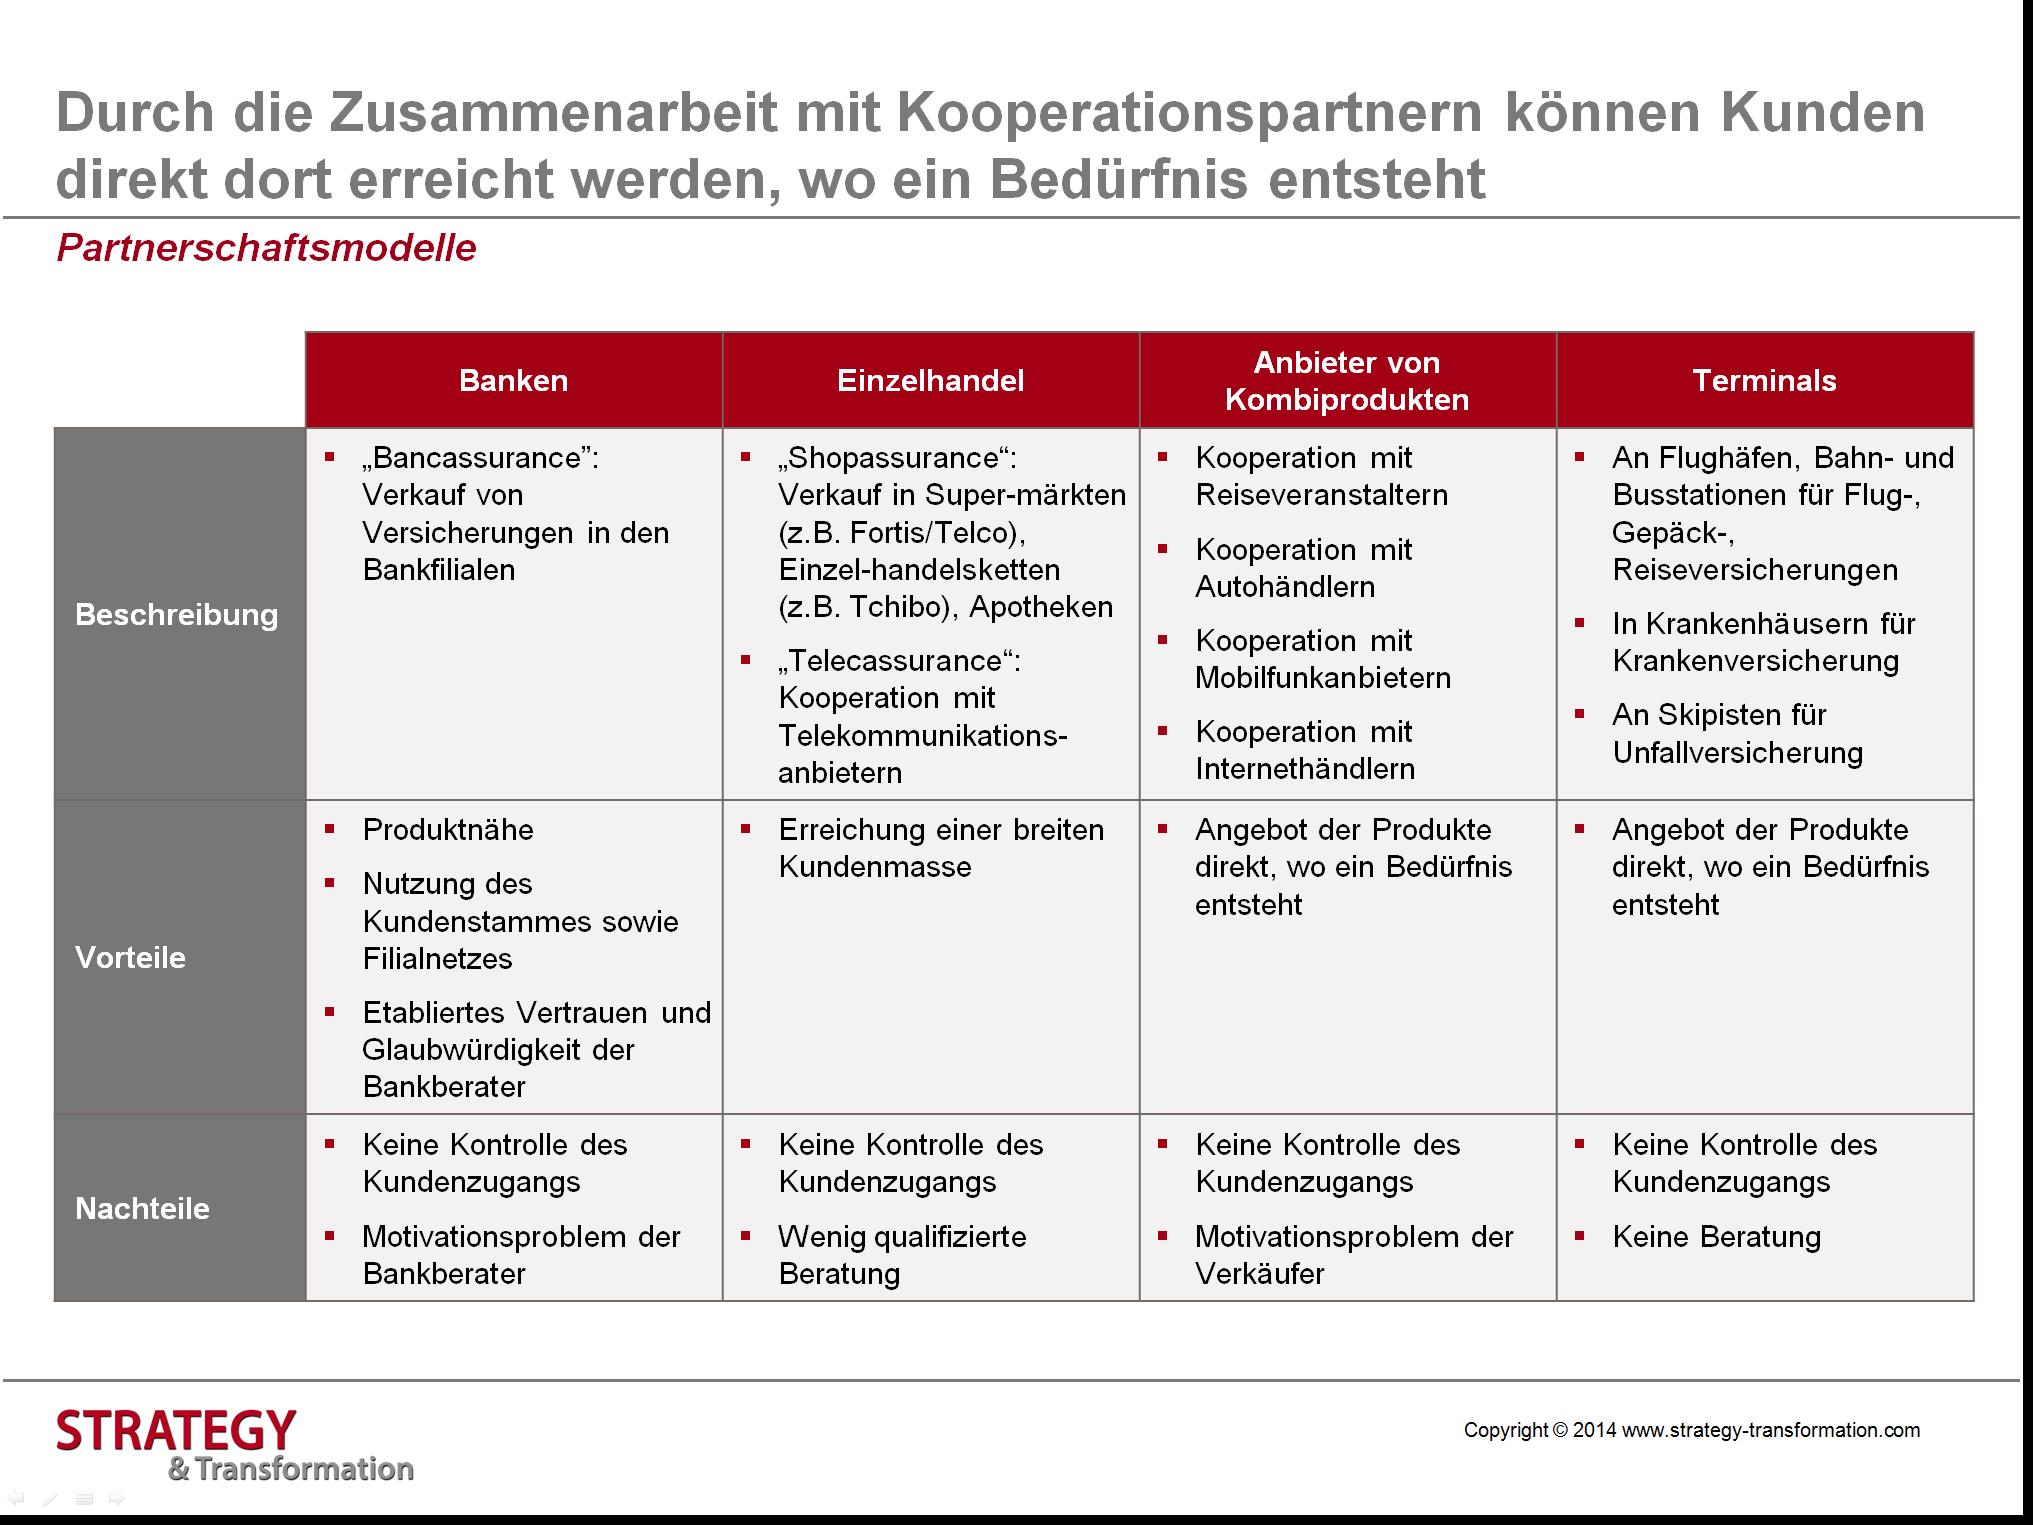 Digitale Transformation Versicherung_Partnerschaftsmodelle